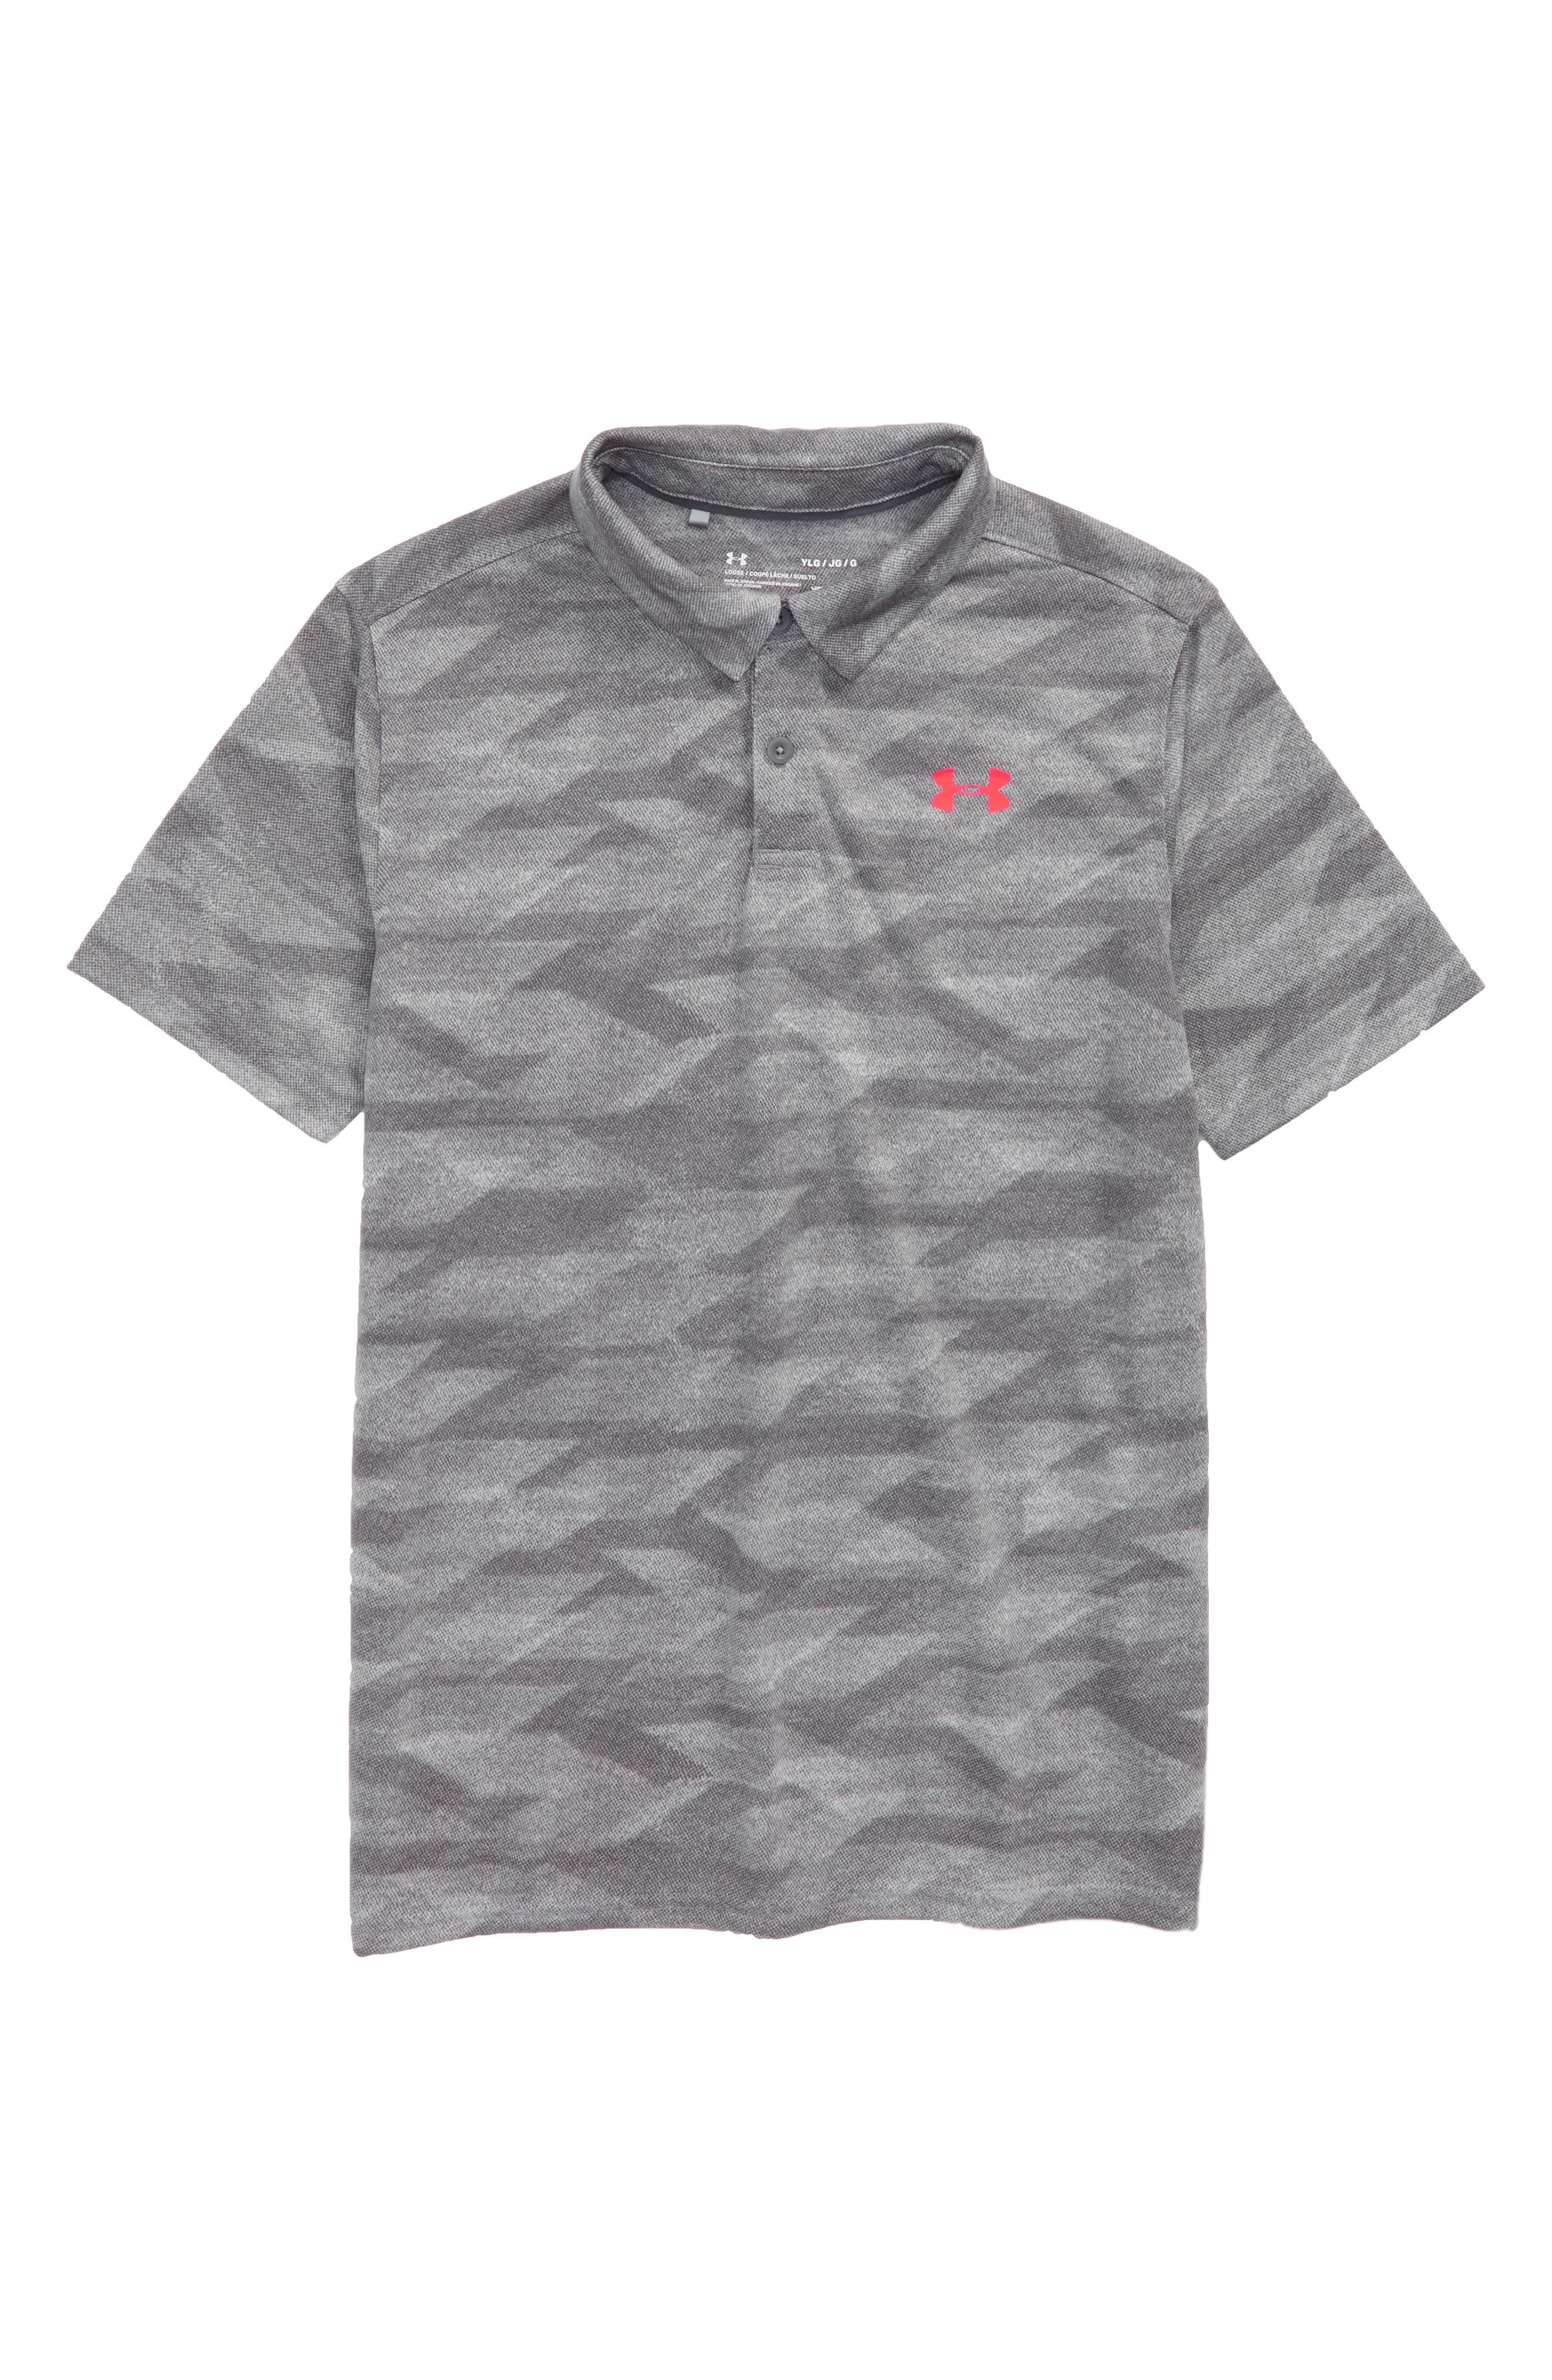 Threadborne Polo,                         Main,                         color, Zinc Gray/ Neon Coral